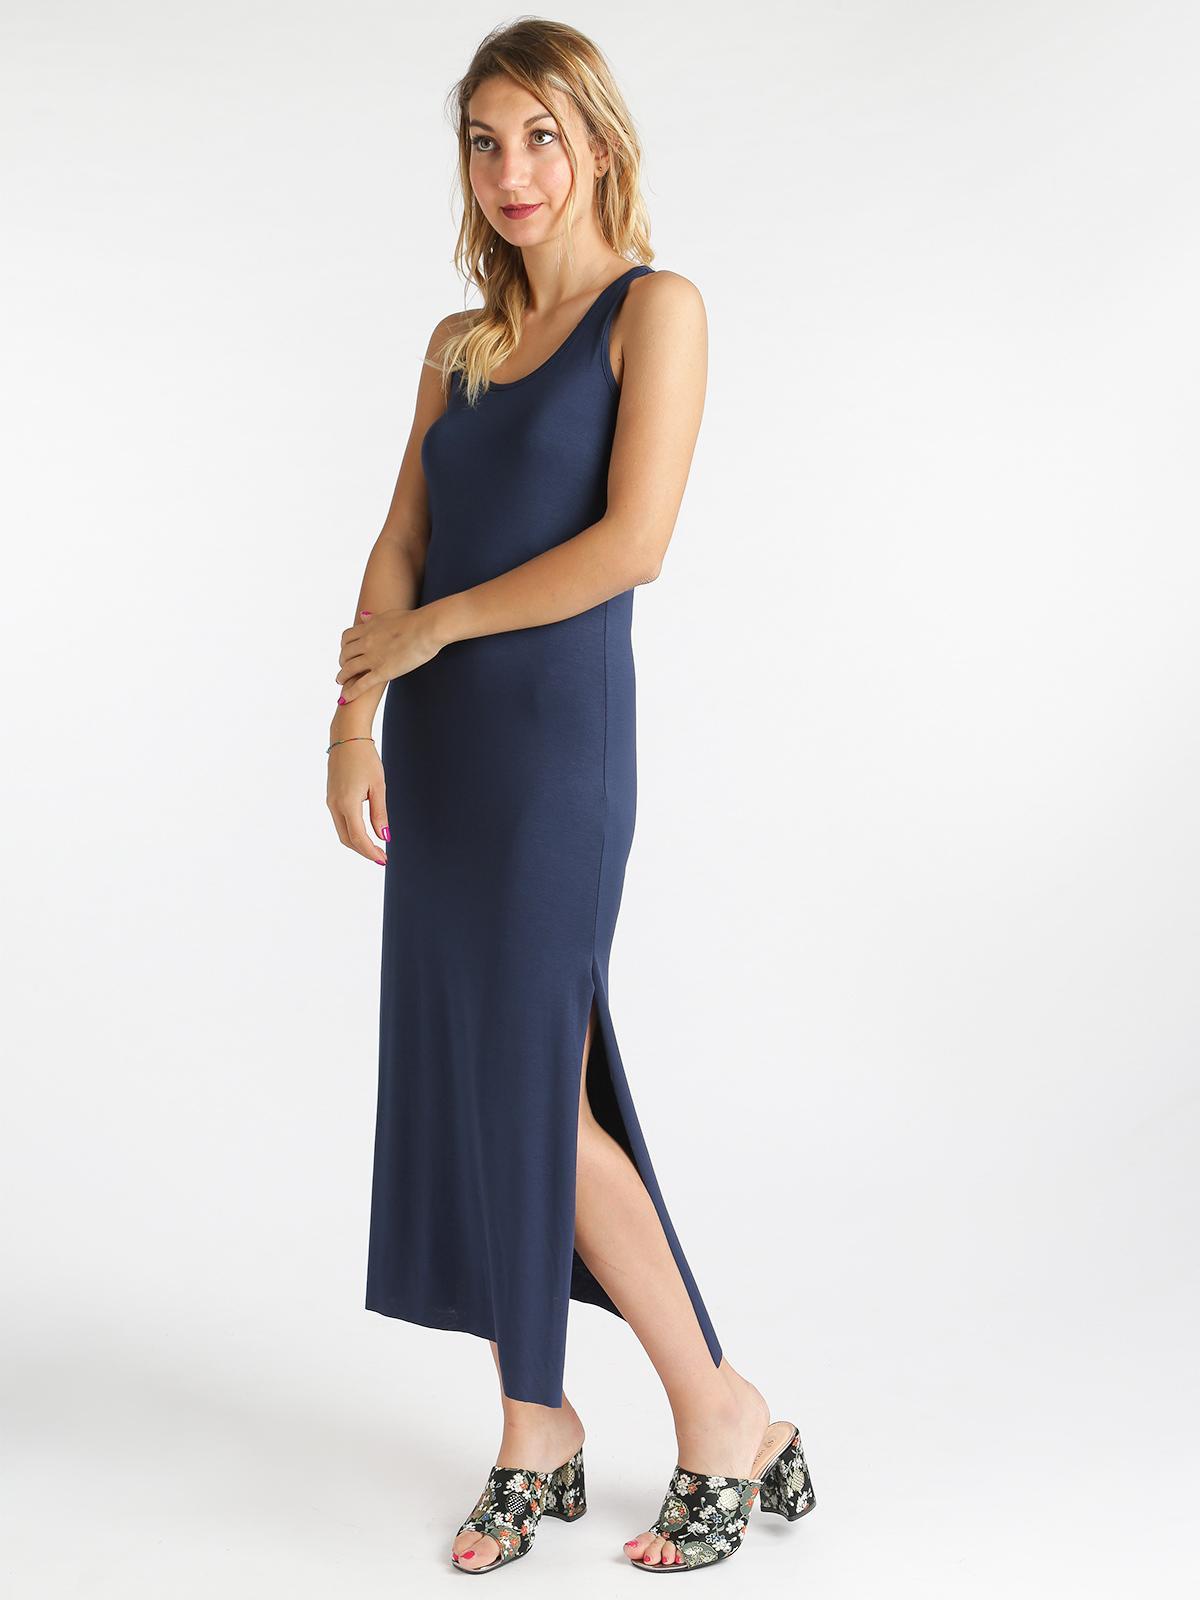 outlet store a8f24 06146 Vestito lungo con spacchi laterali solada | MecShopping